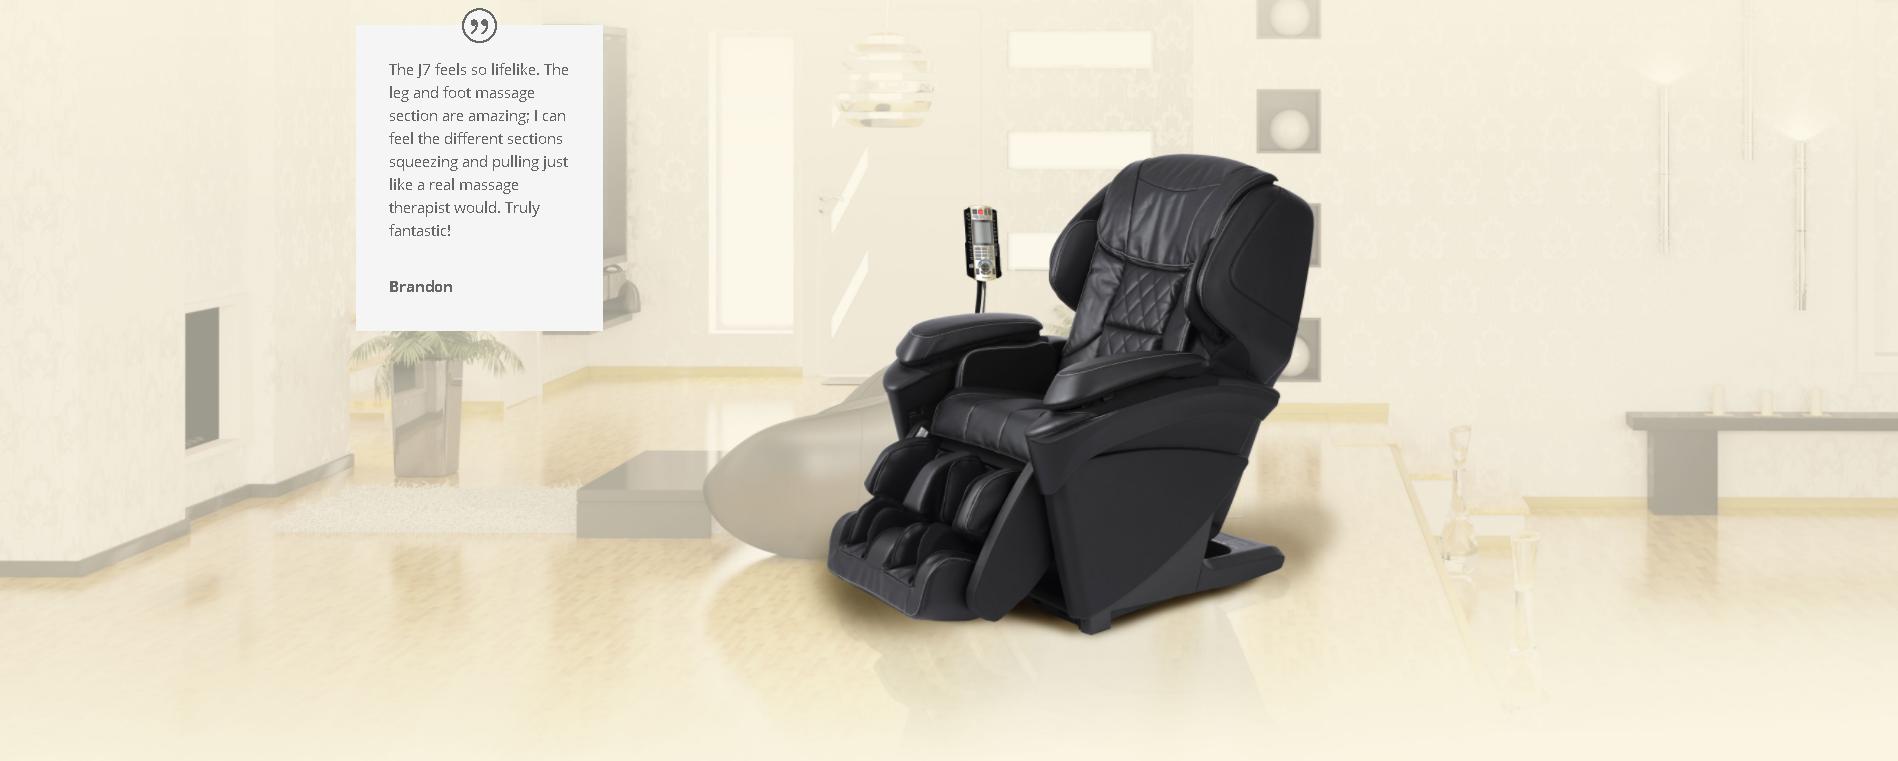 【视频】Furniture For Life推出松下MAJ7按摩椅